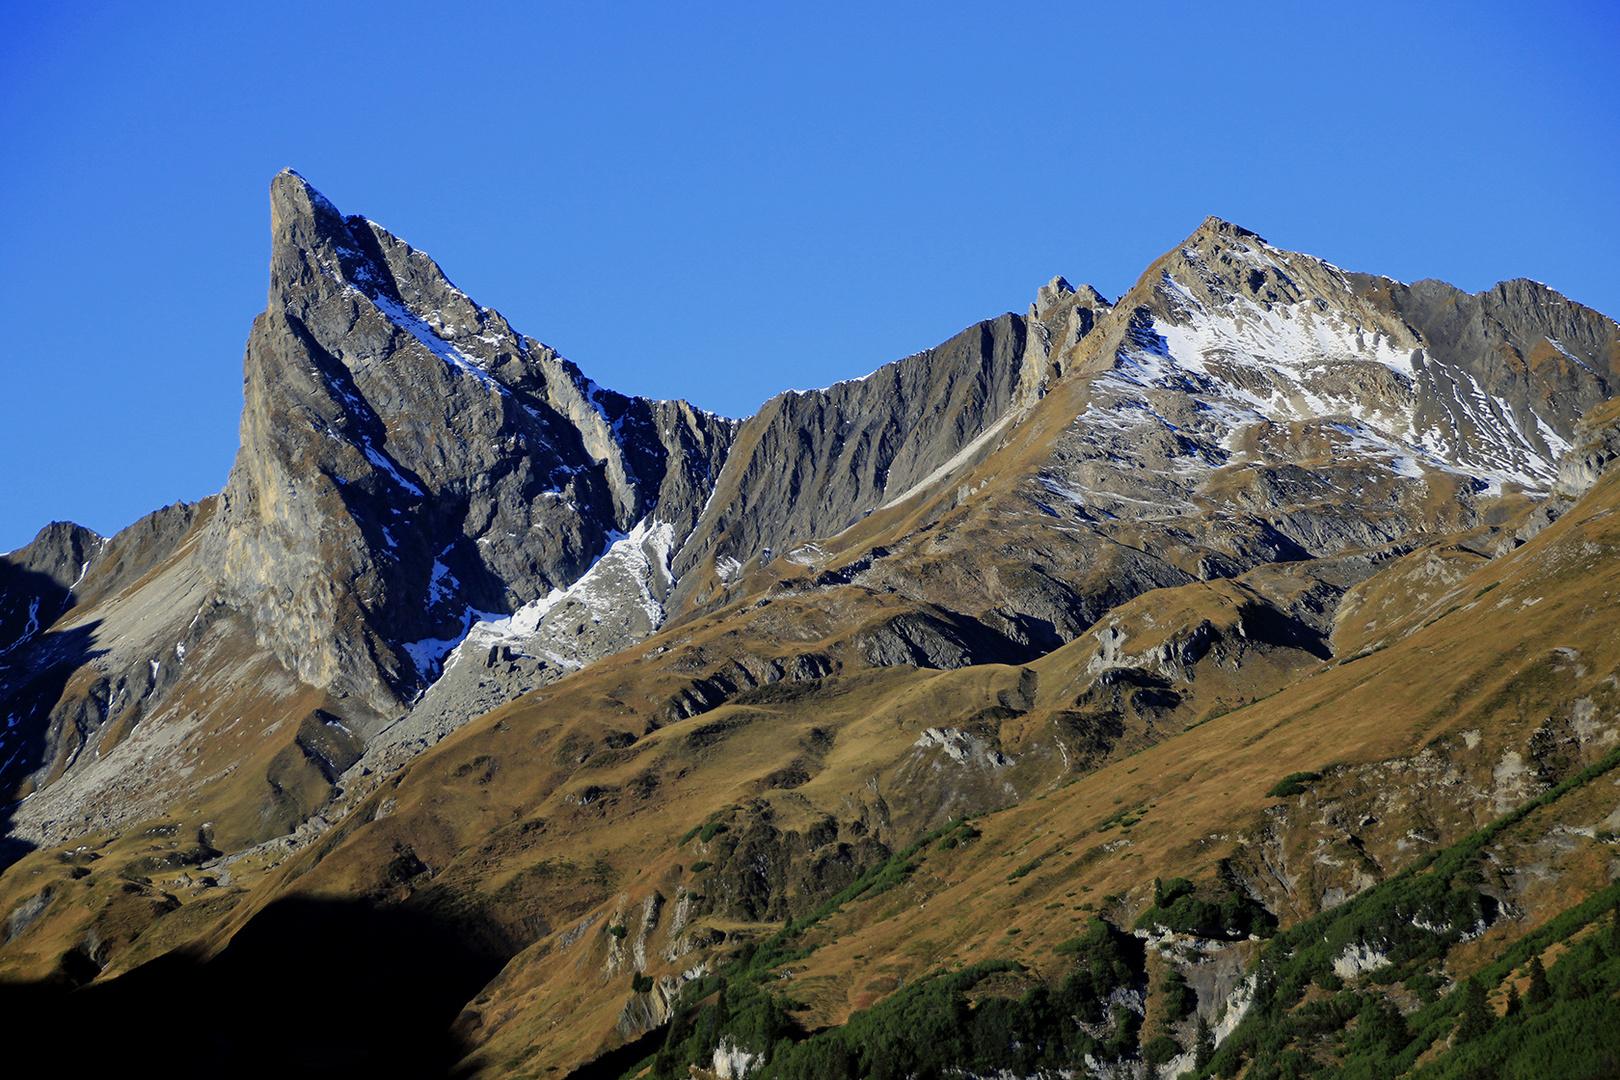 Steiler Zahn steiler zahn foto bild natur landschaft berge bilder auf